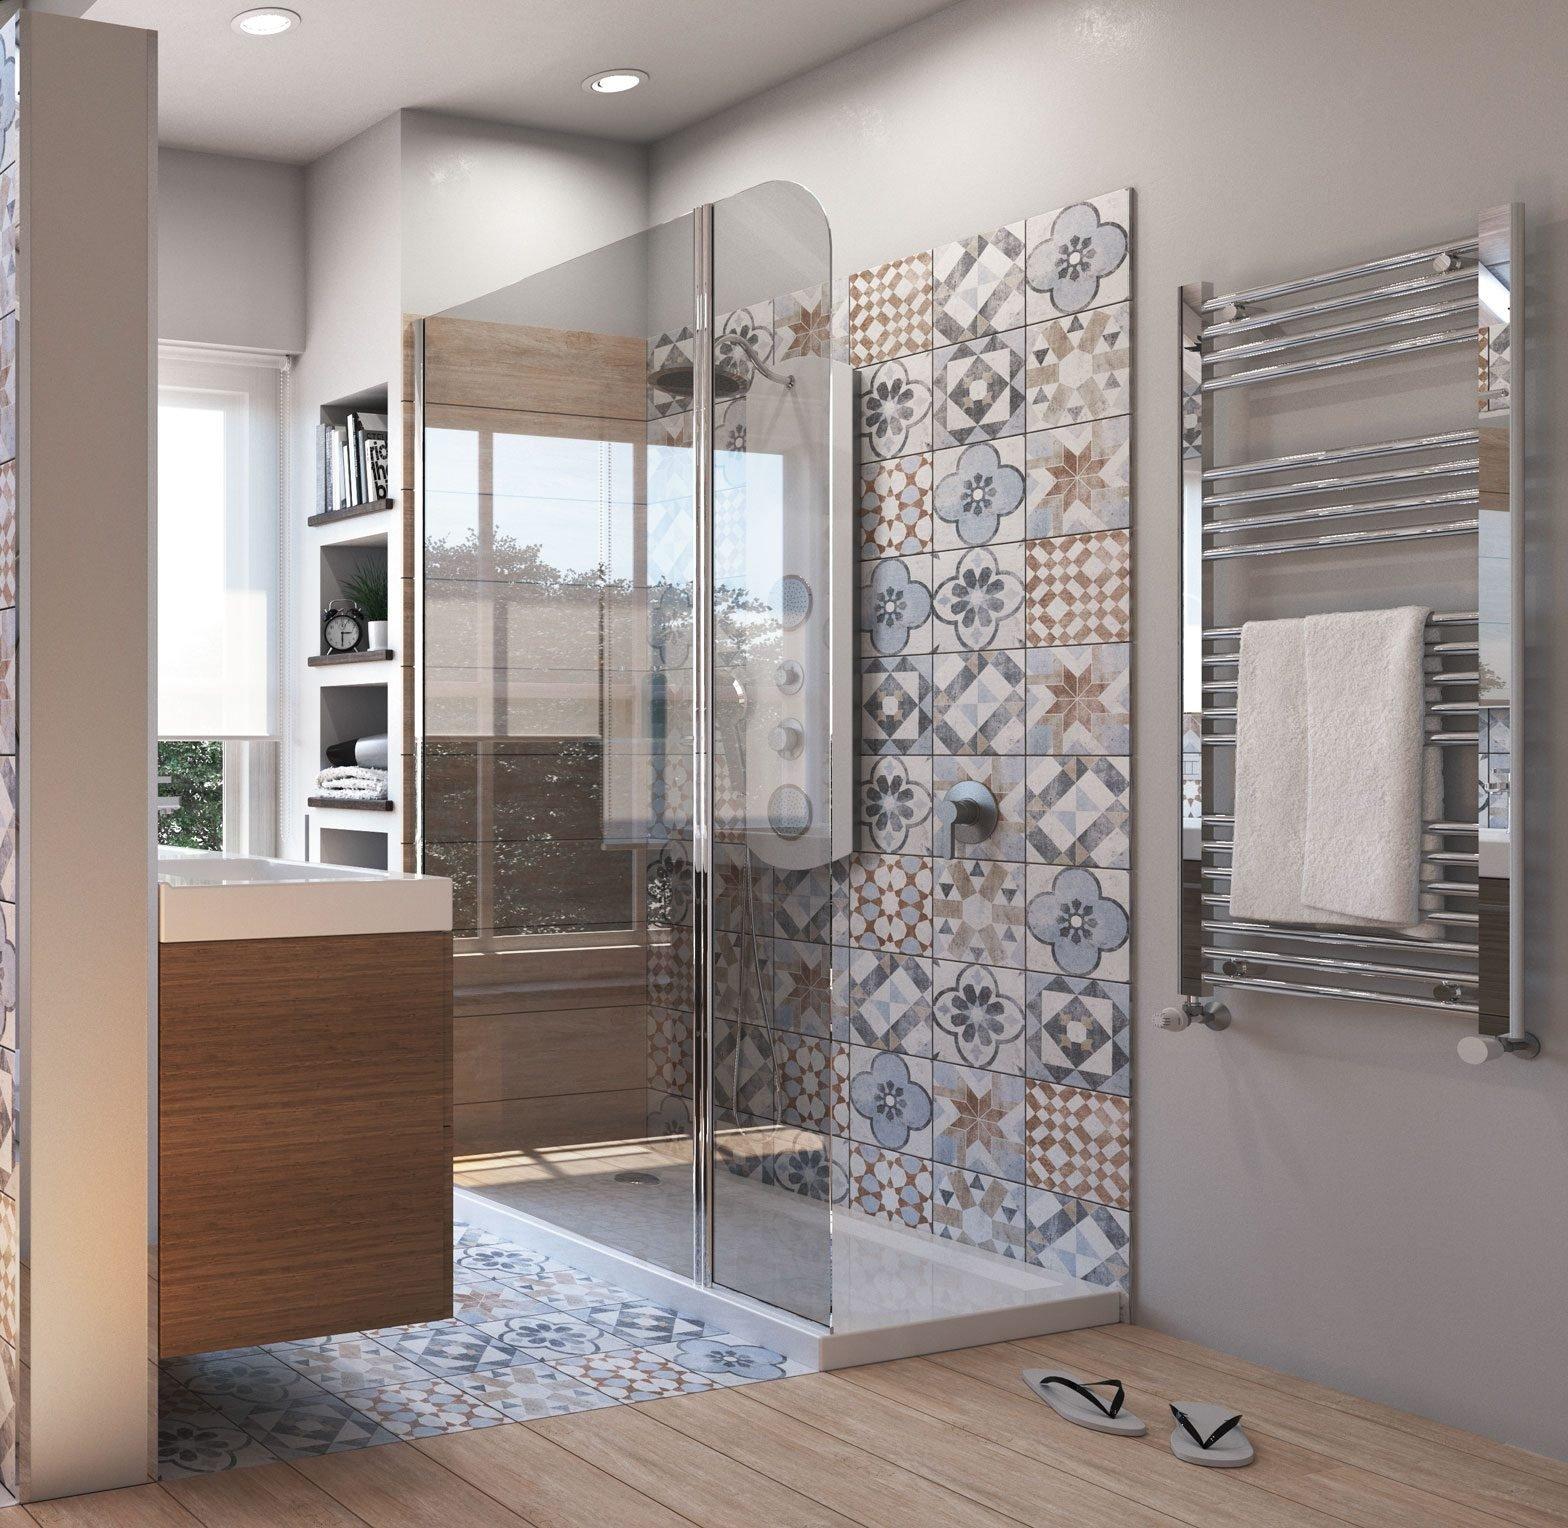 Da vasca a doccia un bagno nuovo su misura cose di casa - Rivestimenti per doccia ...